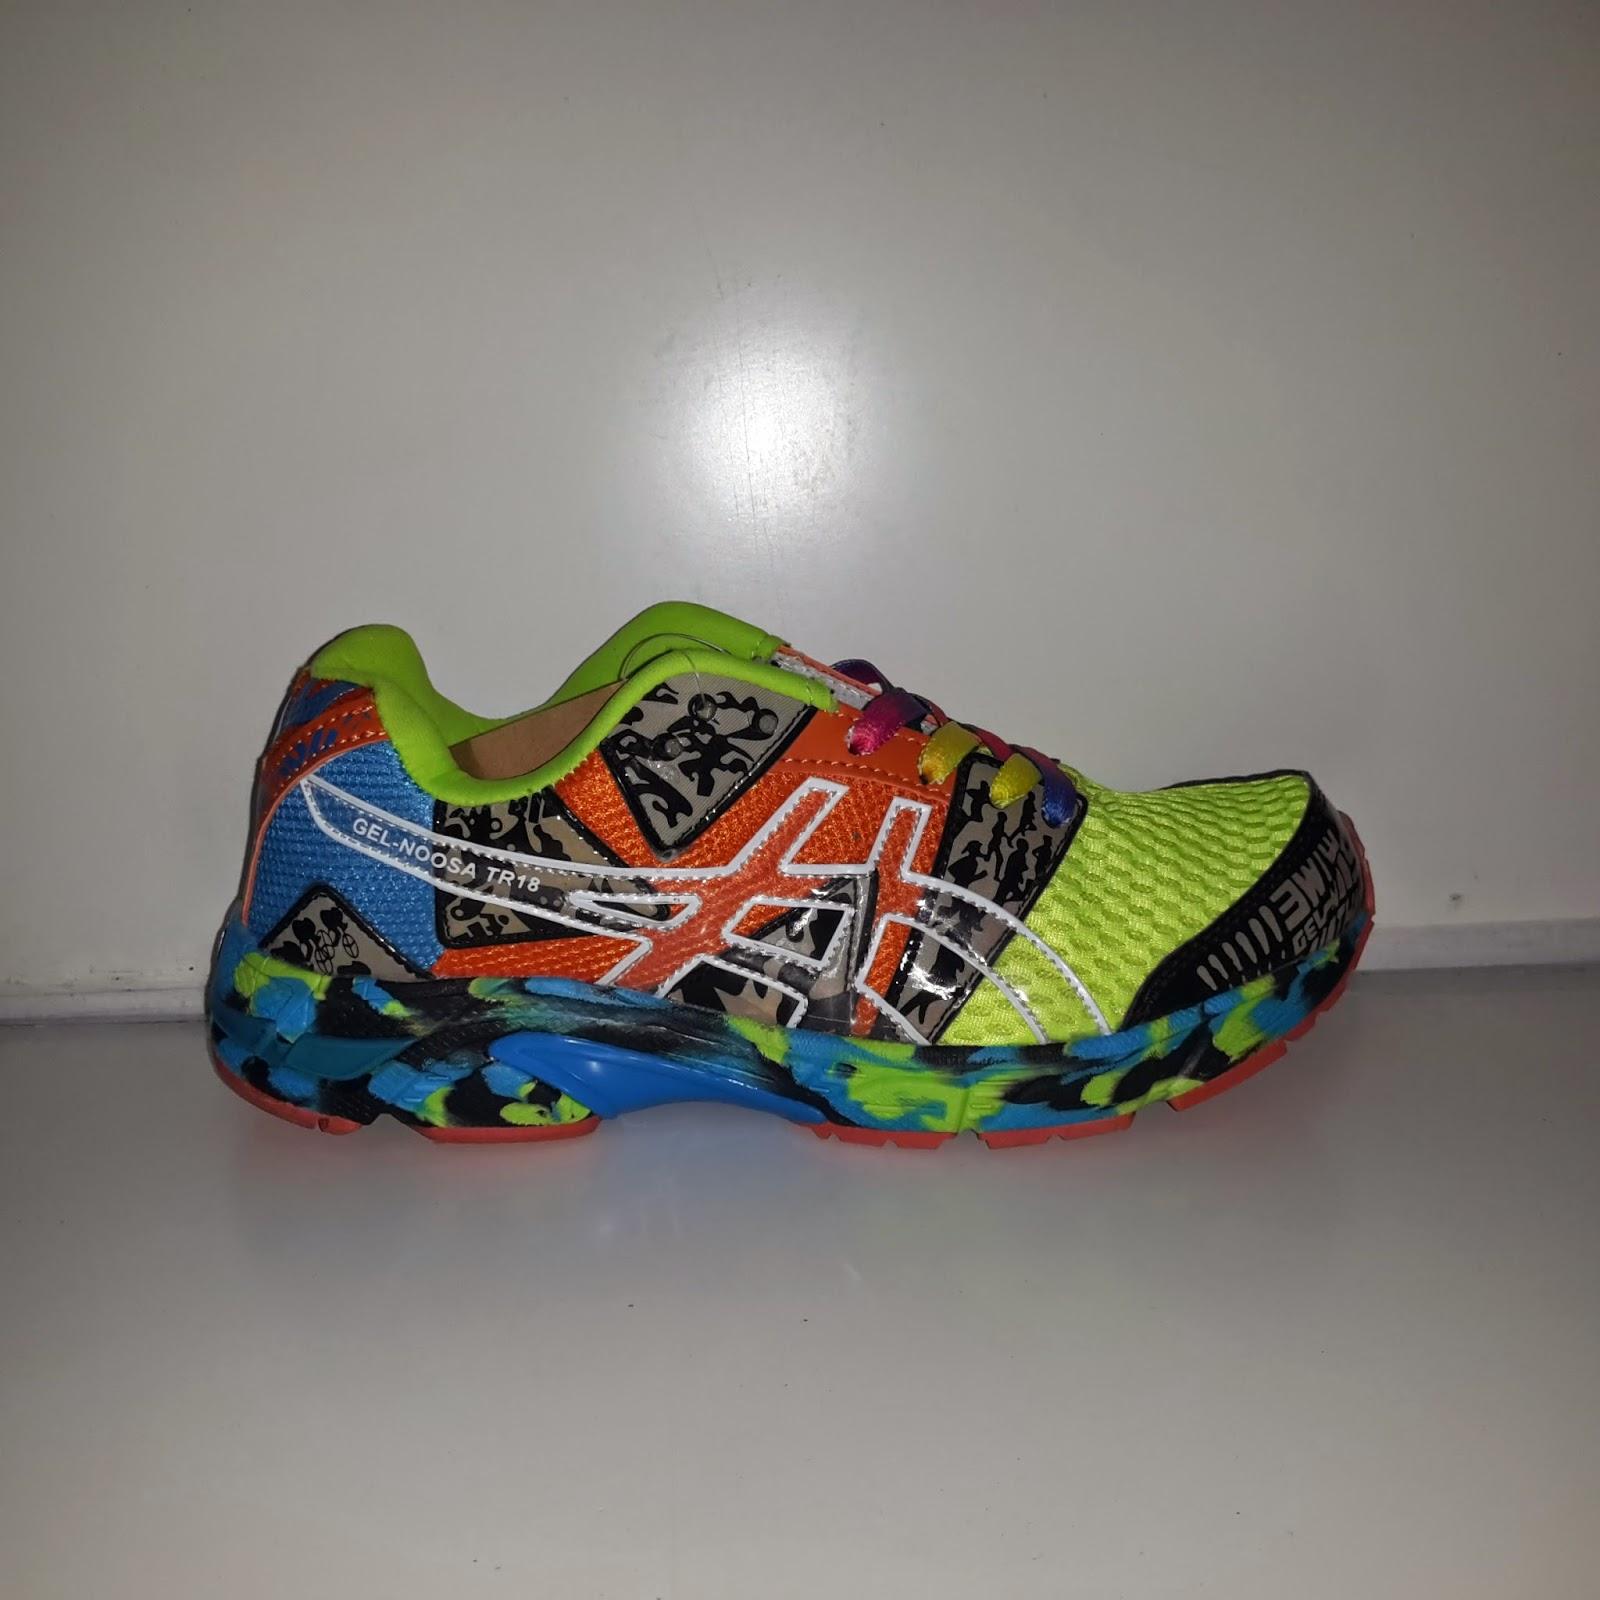 Sepatu Sport Asics Gel-Noosa TRI 18 Terbaru   Jual Sepatu Murah ... 698cc994e4